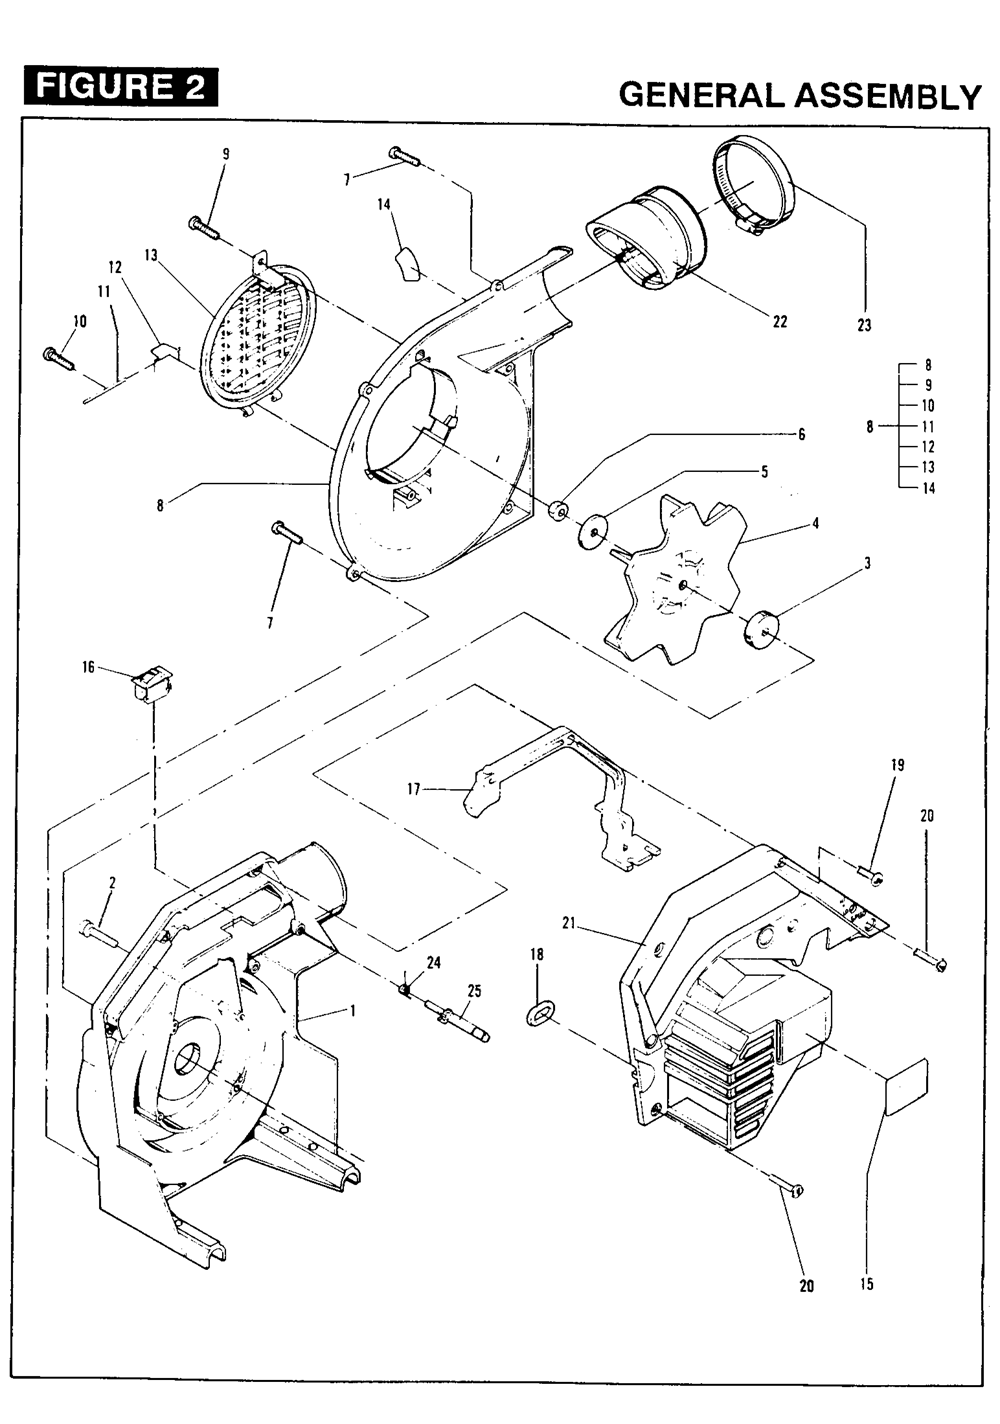 THB-2400-Tanaka-PB-1Break Down